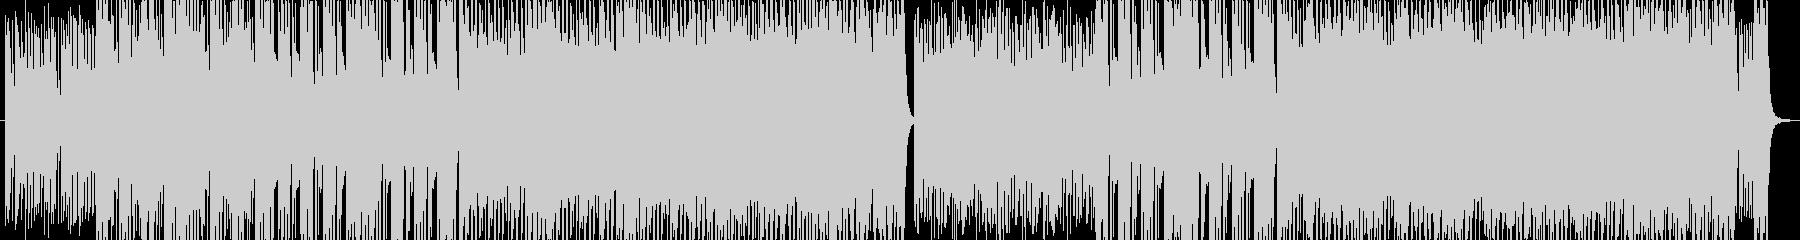 フレッシュなダンスポップスの未再生の波形